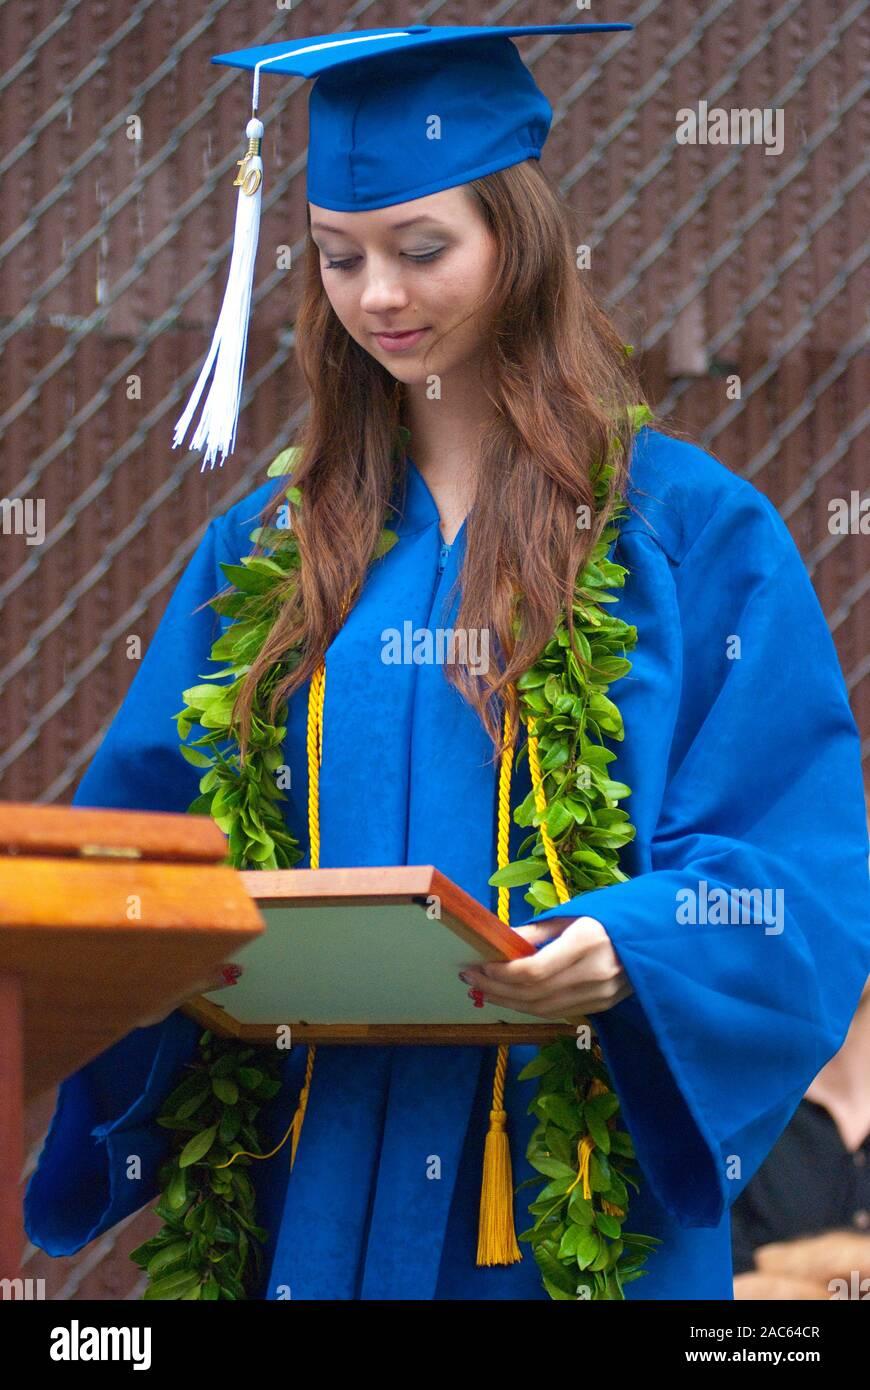 Graduación de la escuela secundaria de la Academia del Pacífico, ahora una escuela privada cerrada, en Honolulu, en la isla de O'ahu. Foto de stock